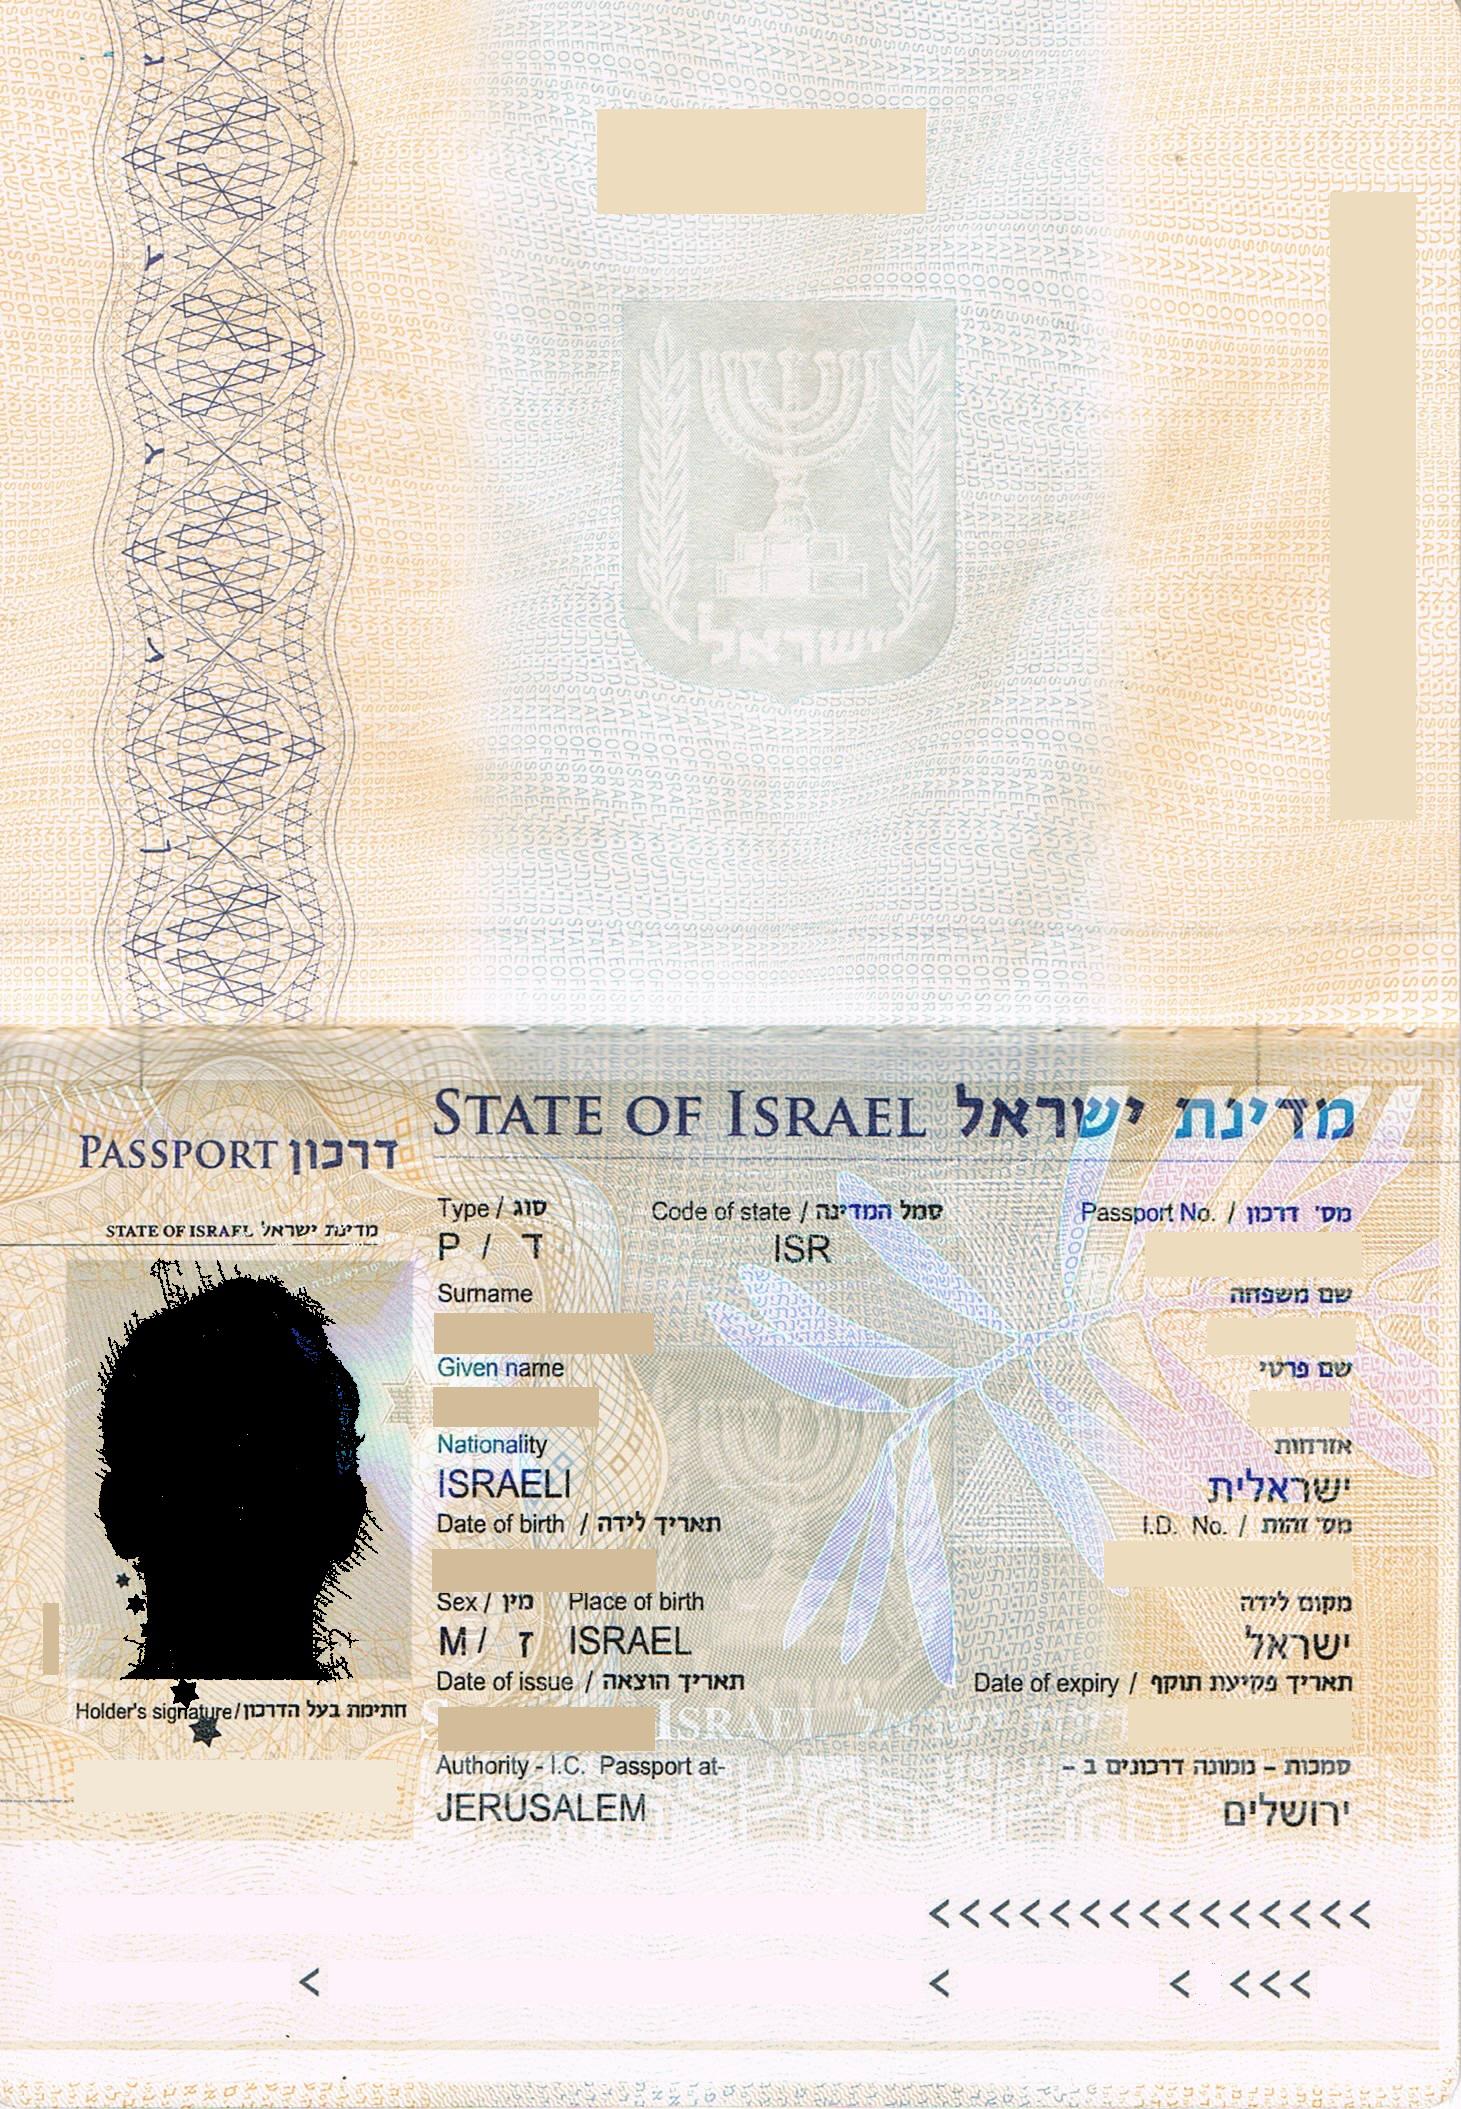 Биометрический загранпаспорт Израиля